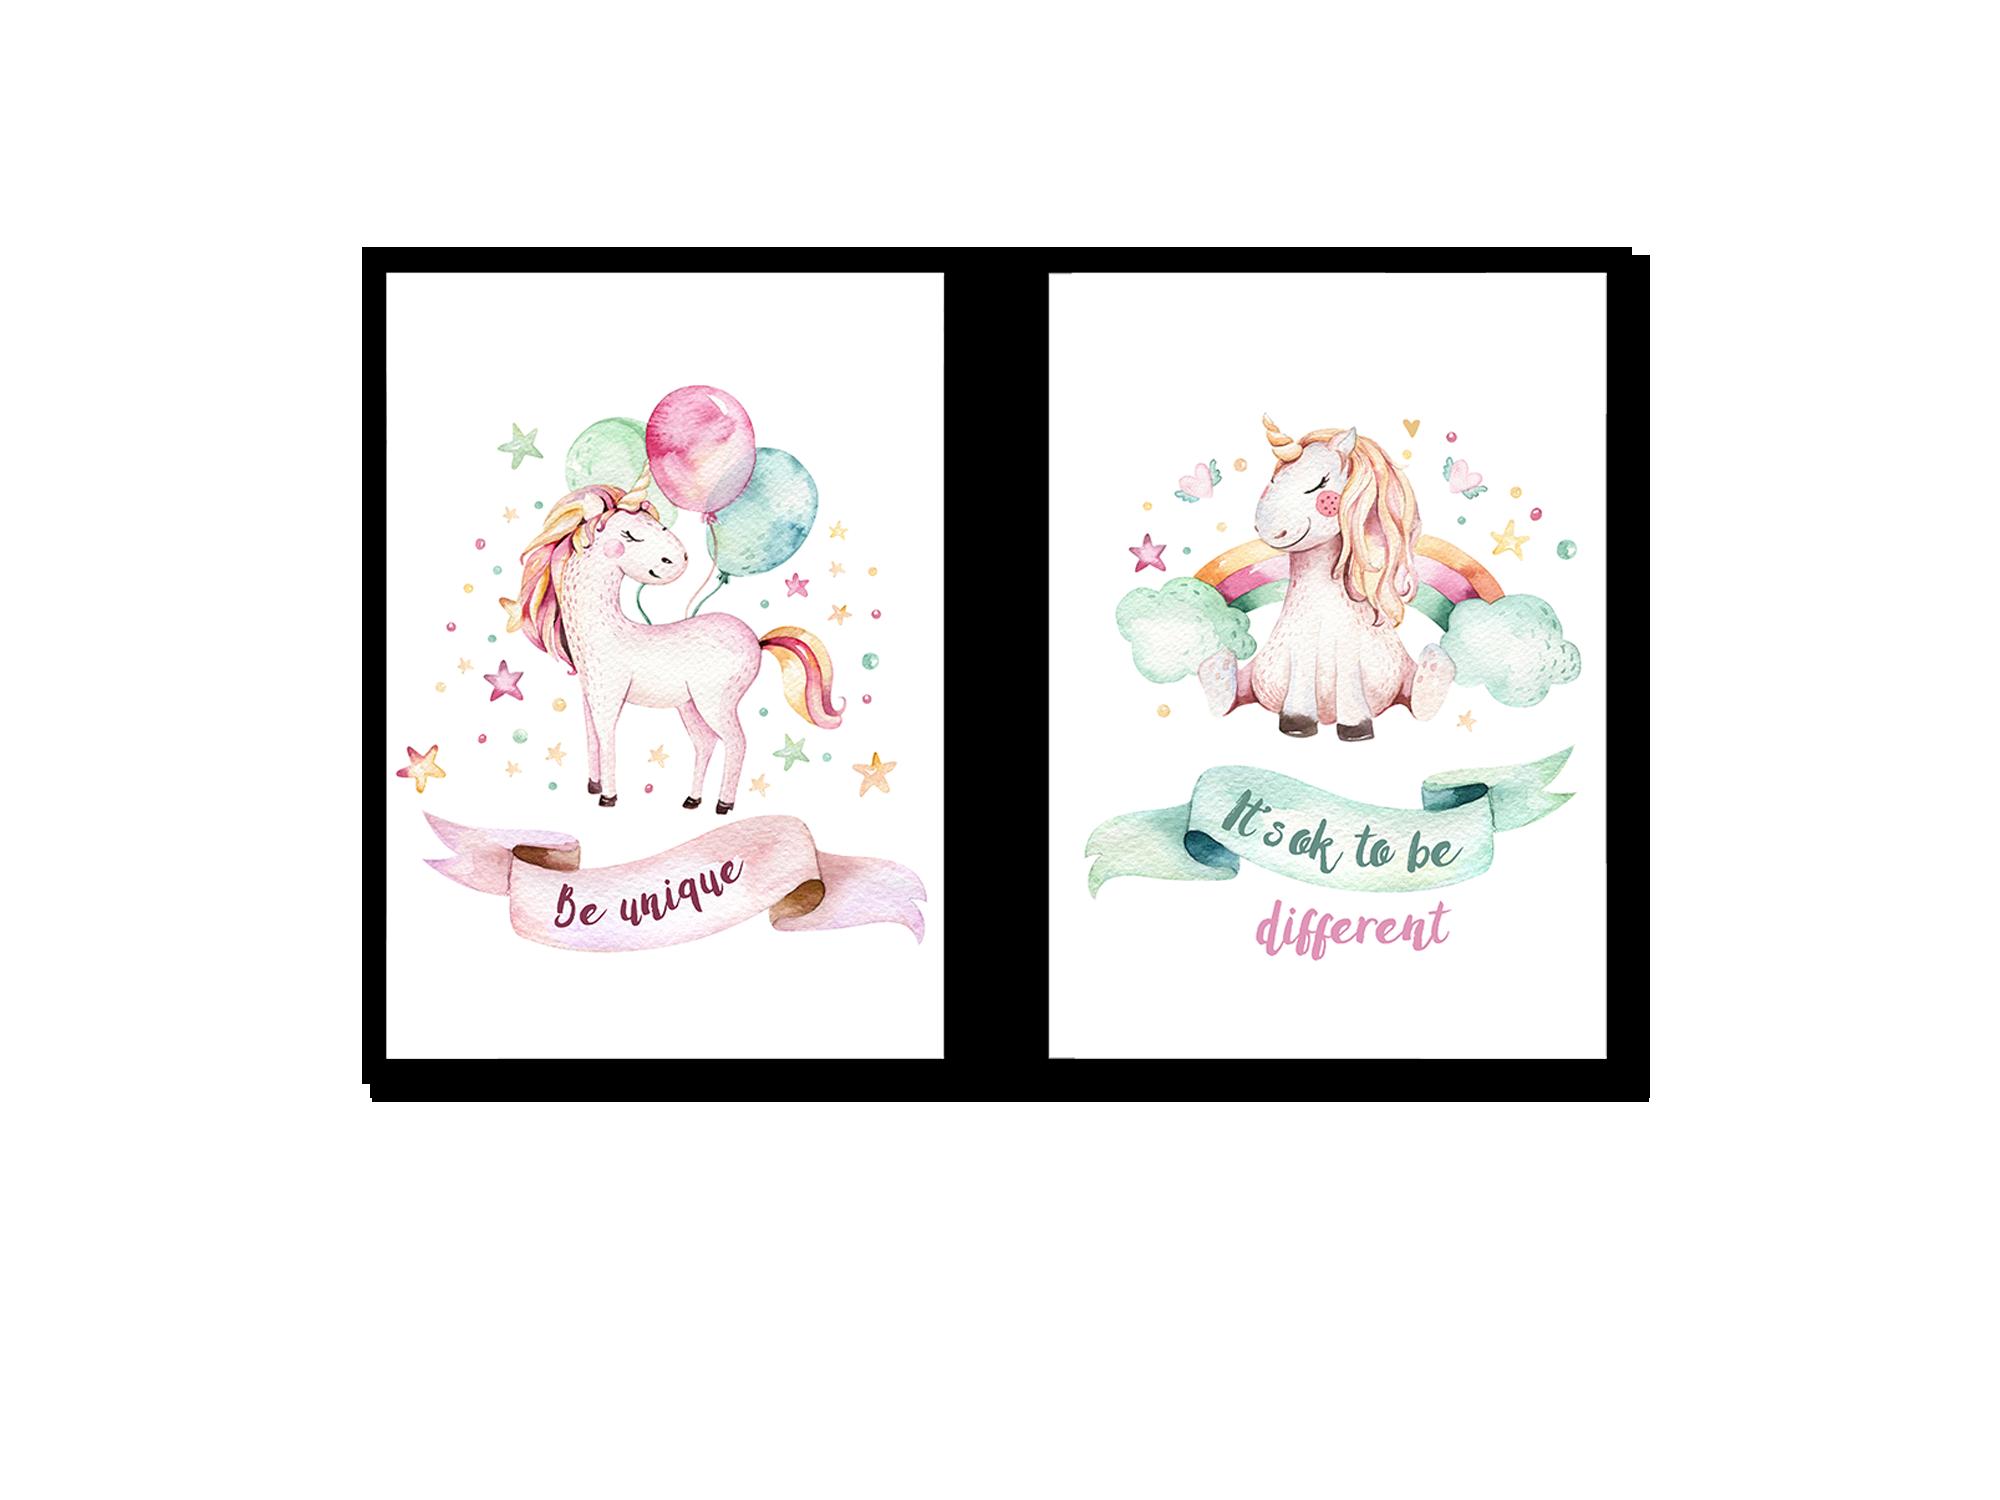 Tranh trang trí phòng trẻ em Unicorn